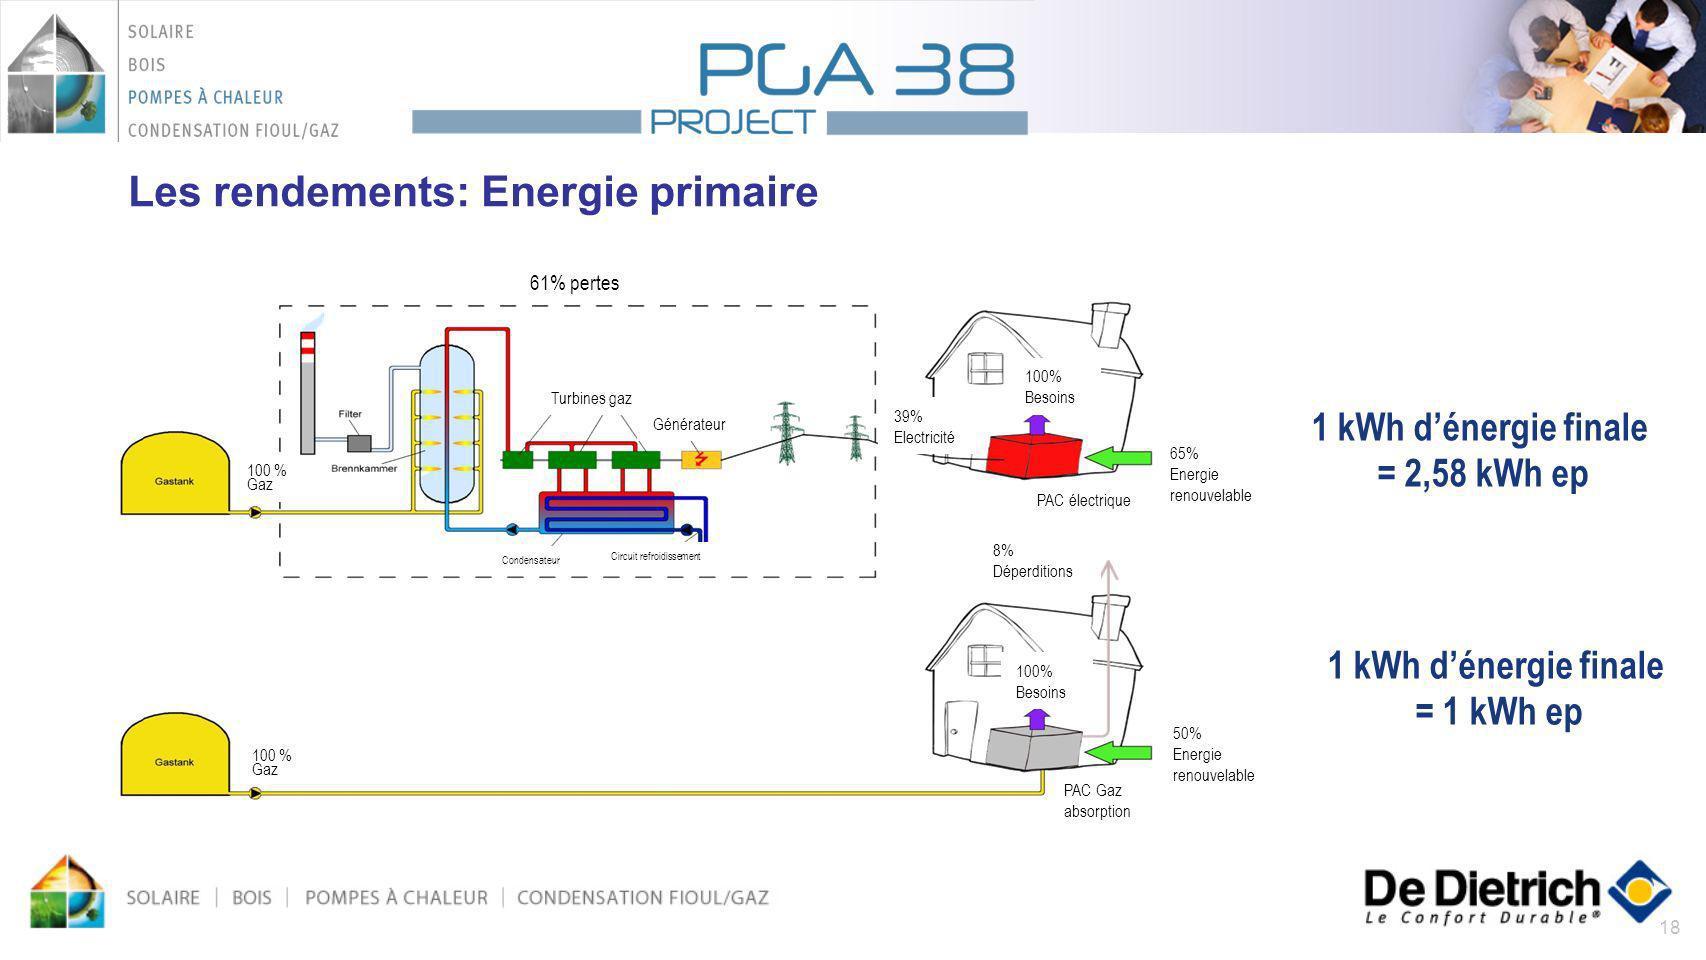 18 Les rendements: Energie primaire 61% pertes Turbines gaz Générateur 39% Electricité 65% Energie renouvelable PAC électrique 100% Besoins 8% Déperdi